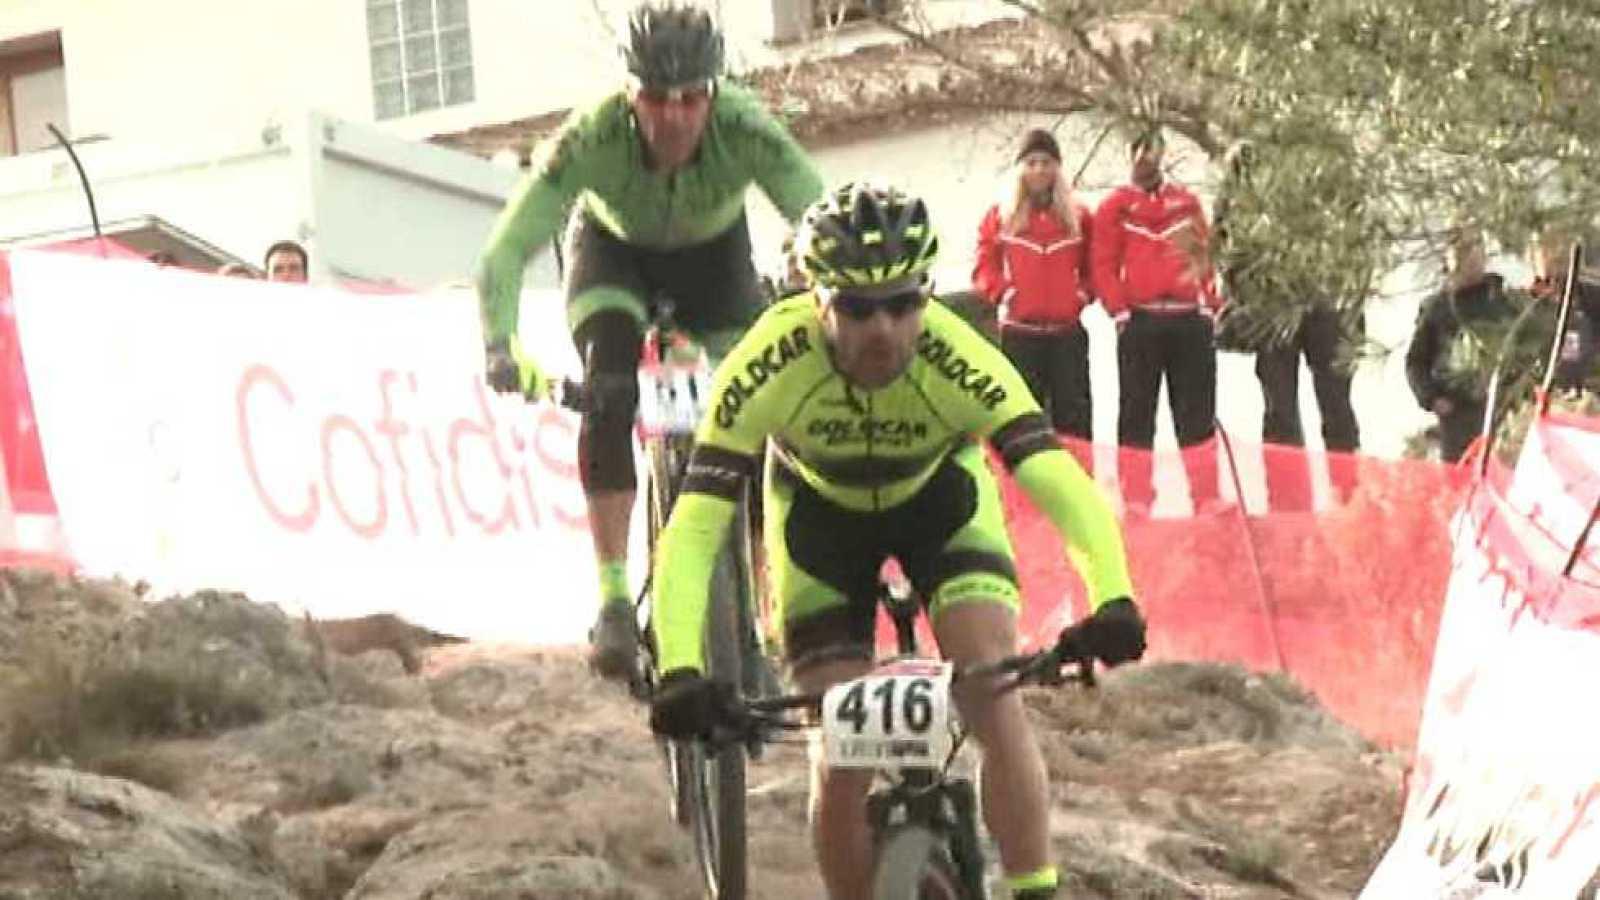 Circuito Xco Moralzarzal : Mountain bike open de españa btt xco 2017. prueba chelva valencia